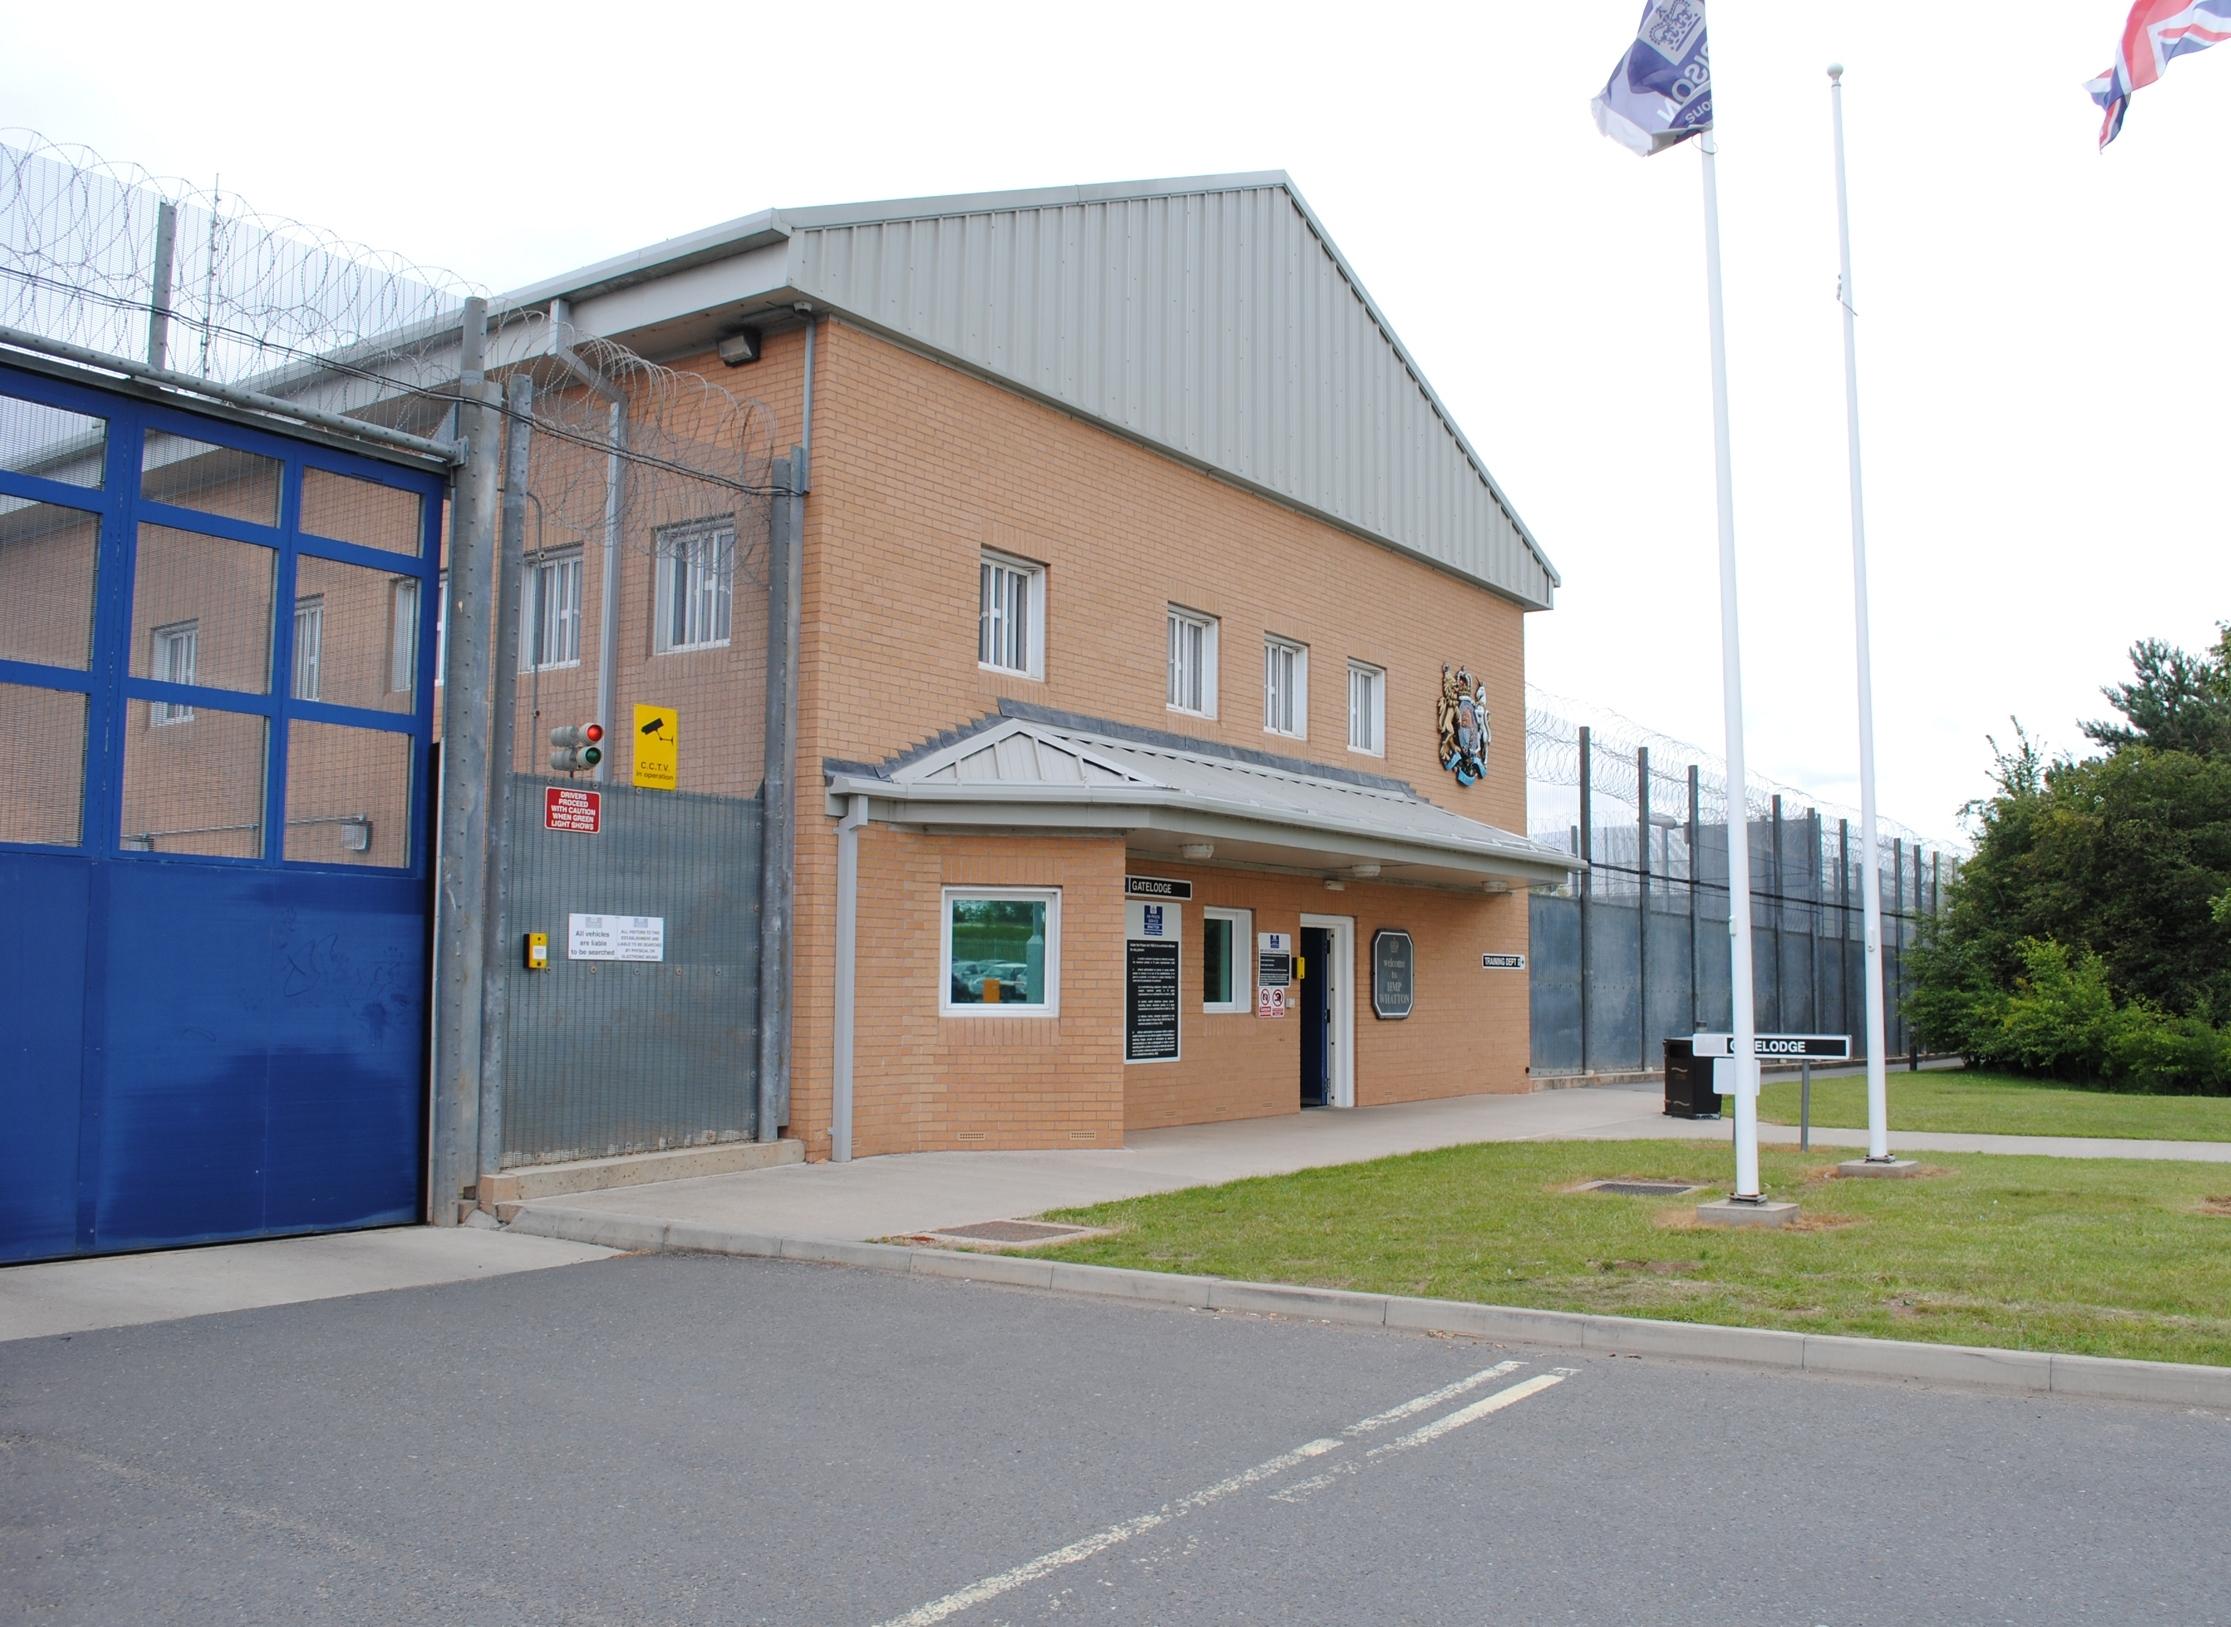 Gate house at HMP Whatton